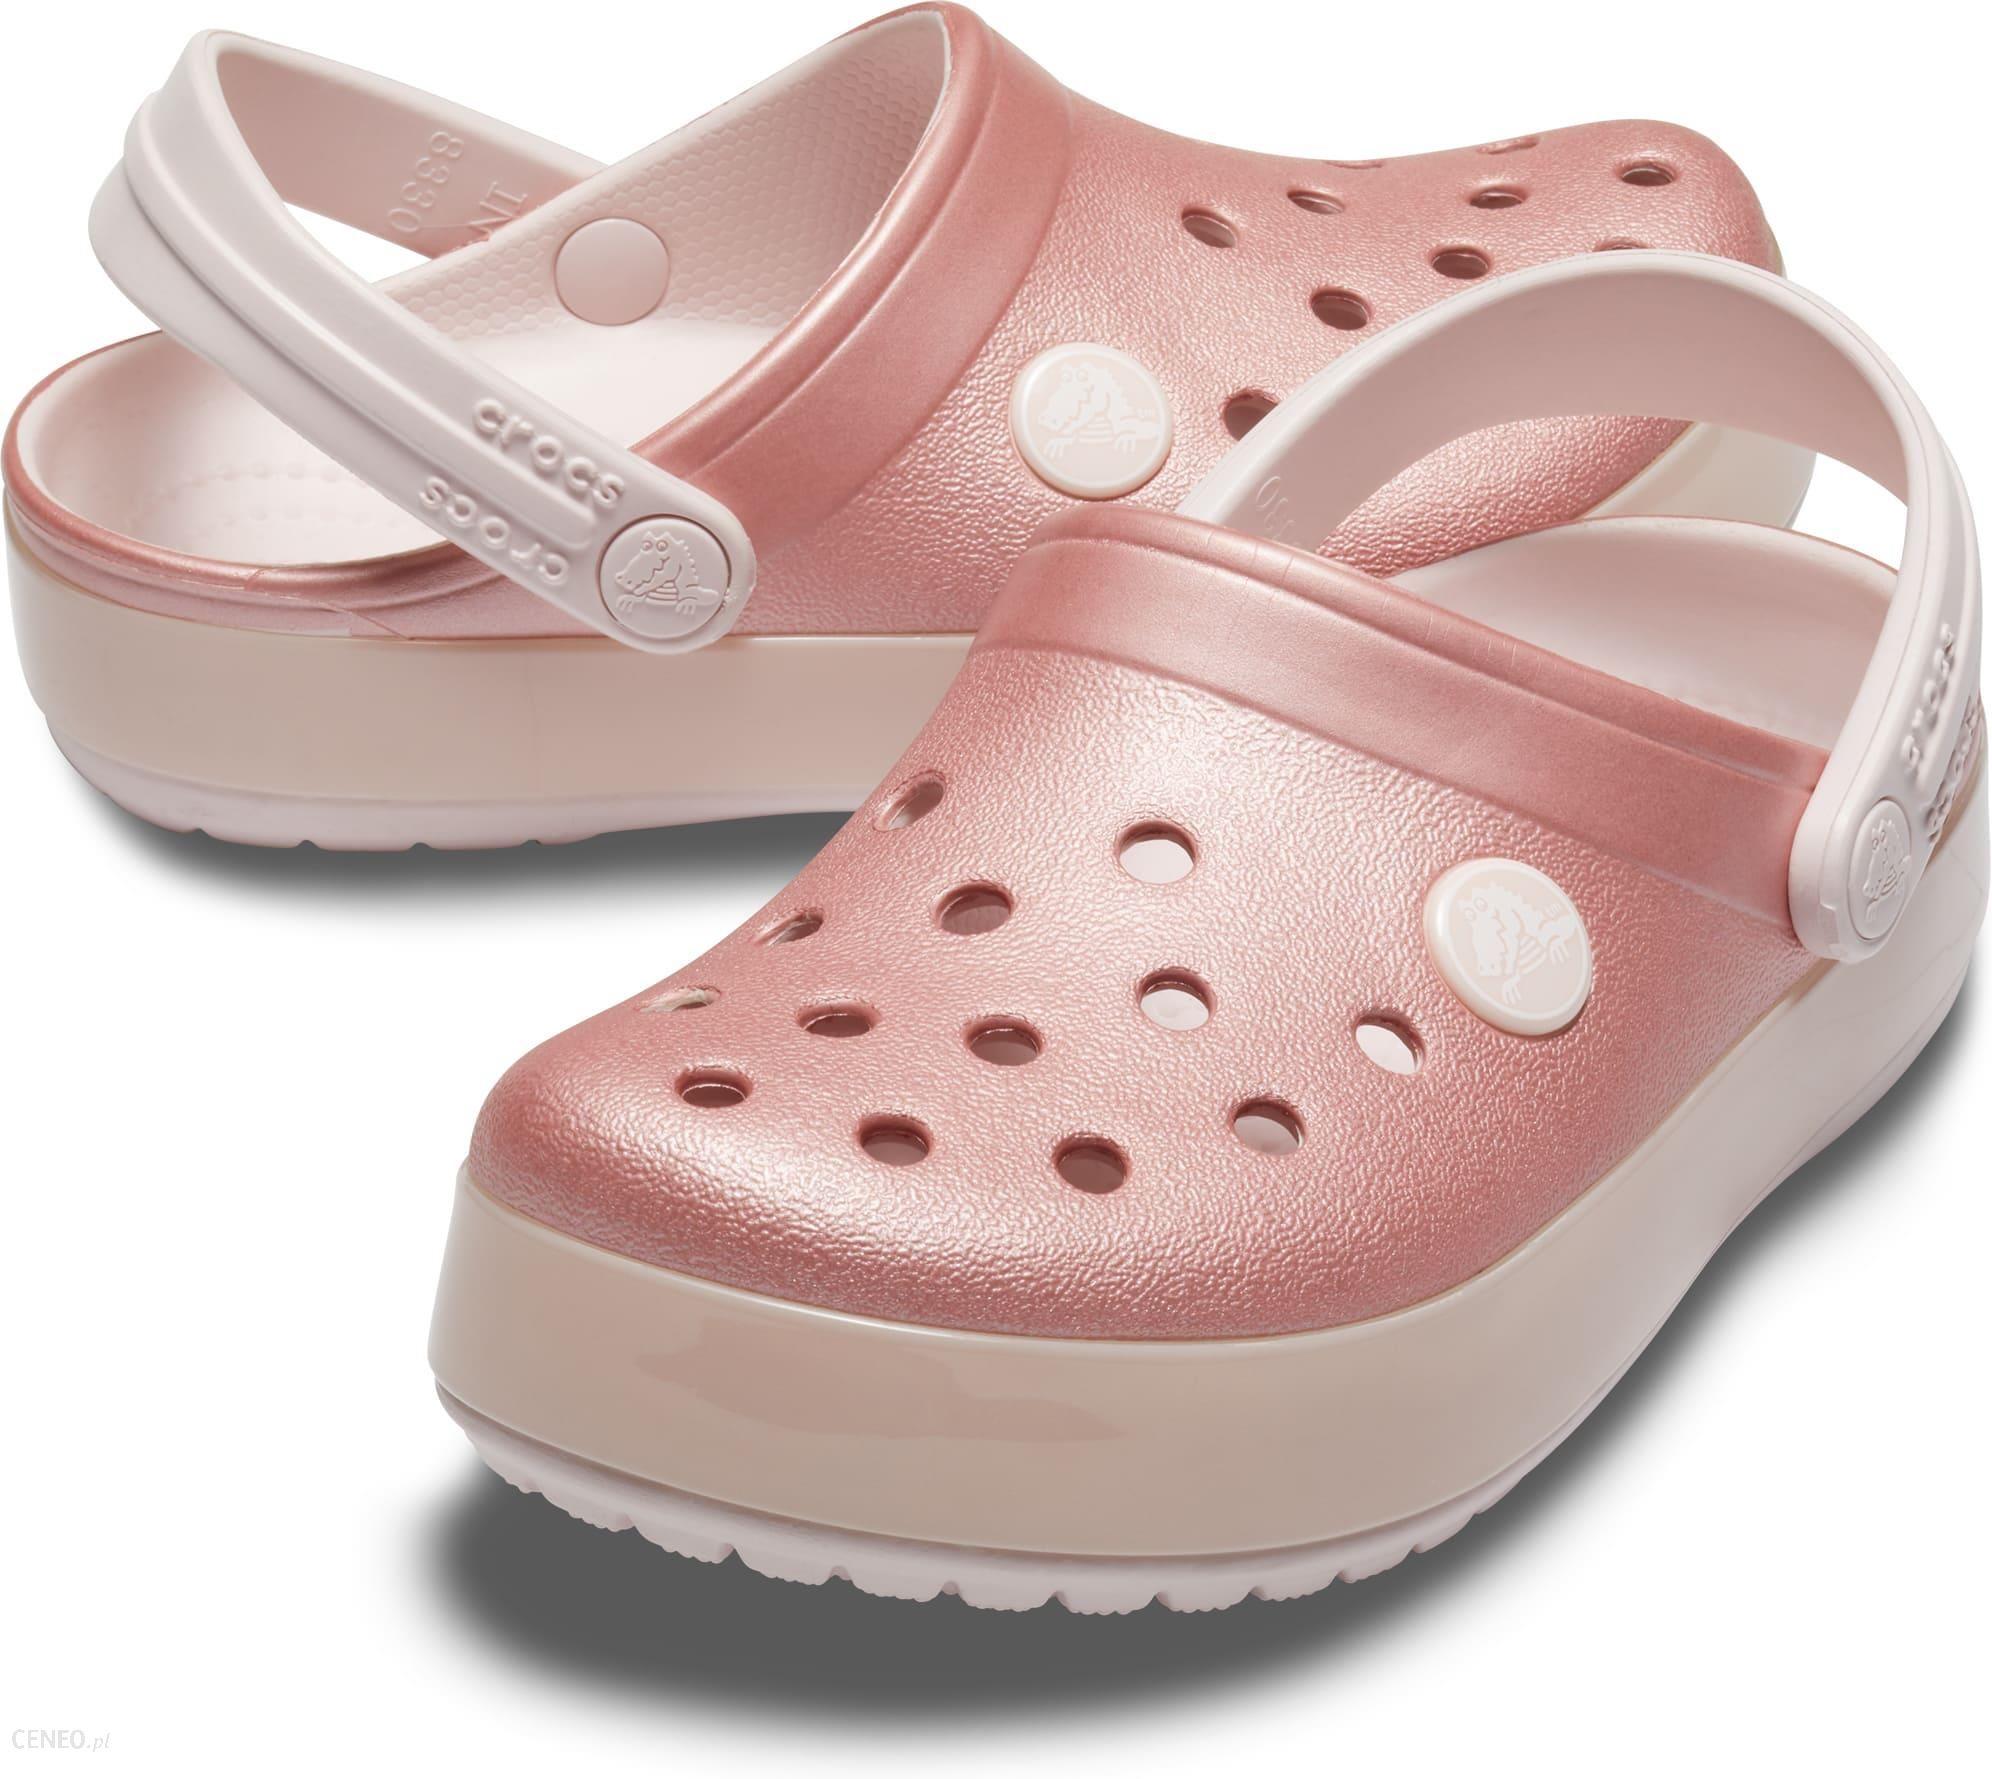 najnowsza kolekcja popularne sklepy najlepsza obsługa Crocs różowe dziewczęce buty Crocband Ice Pop Clog Barely Pink - C11 - Ceny  i opinie - Ceneo.pl